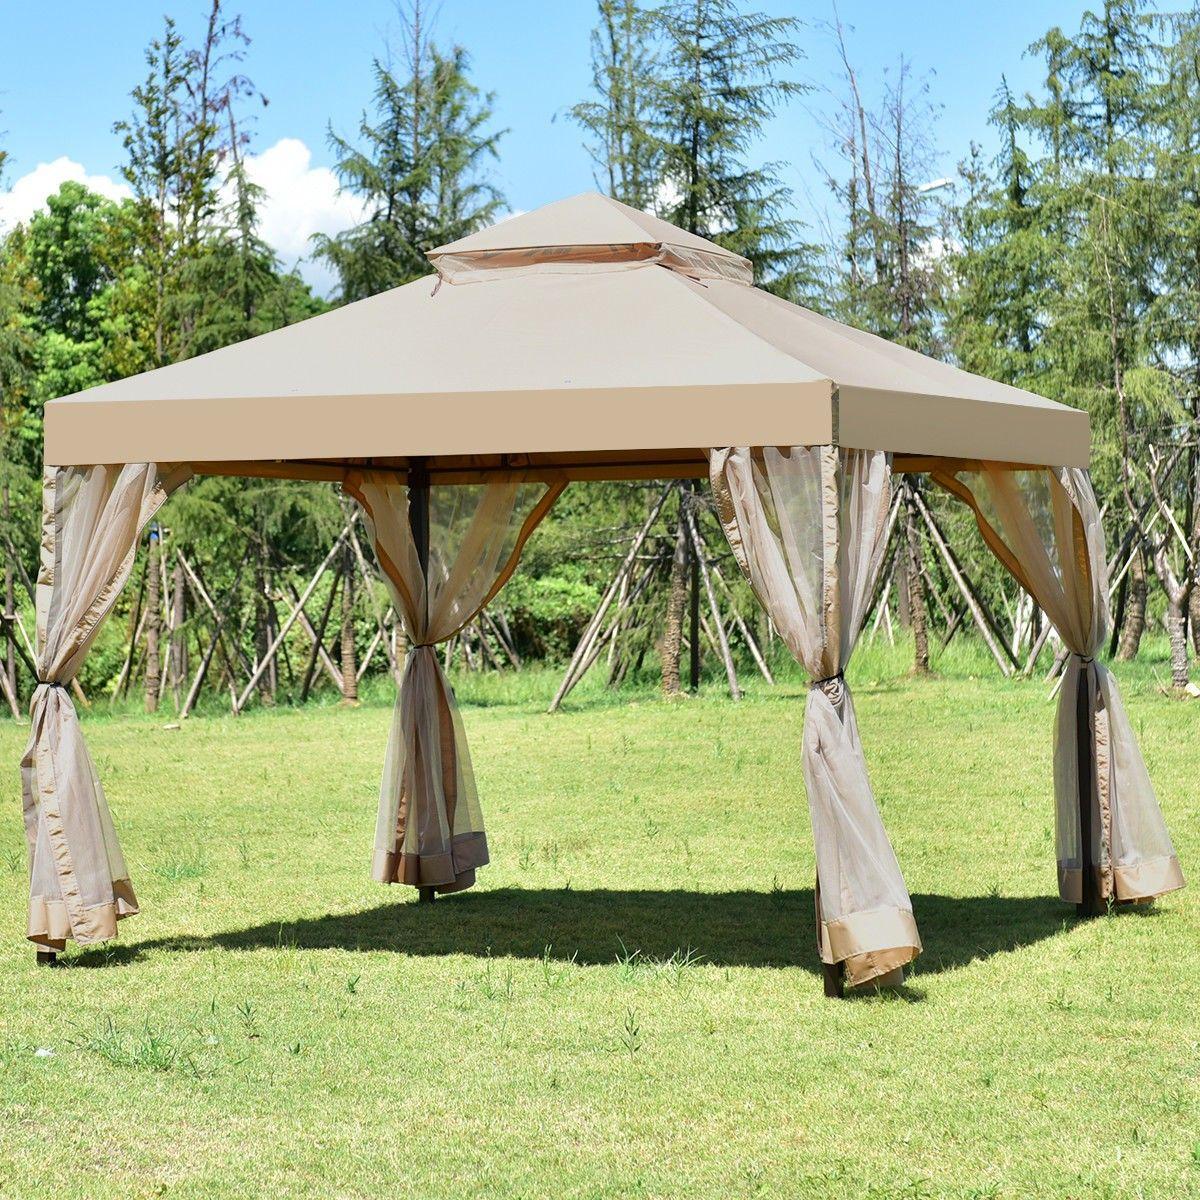 Outdoor 2 Tier 10 X 10 Screw Free Structure Shelter Gazebo Canopy Gazebo Canopy Patio Garden Gazebo